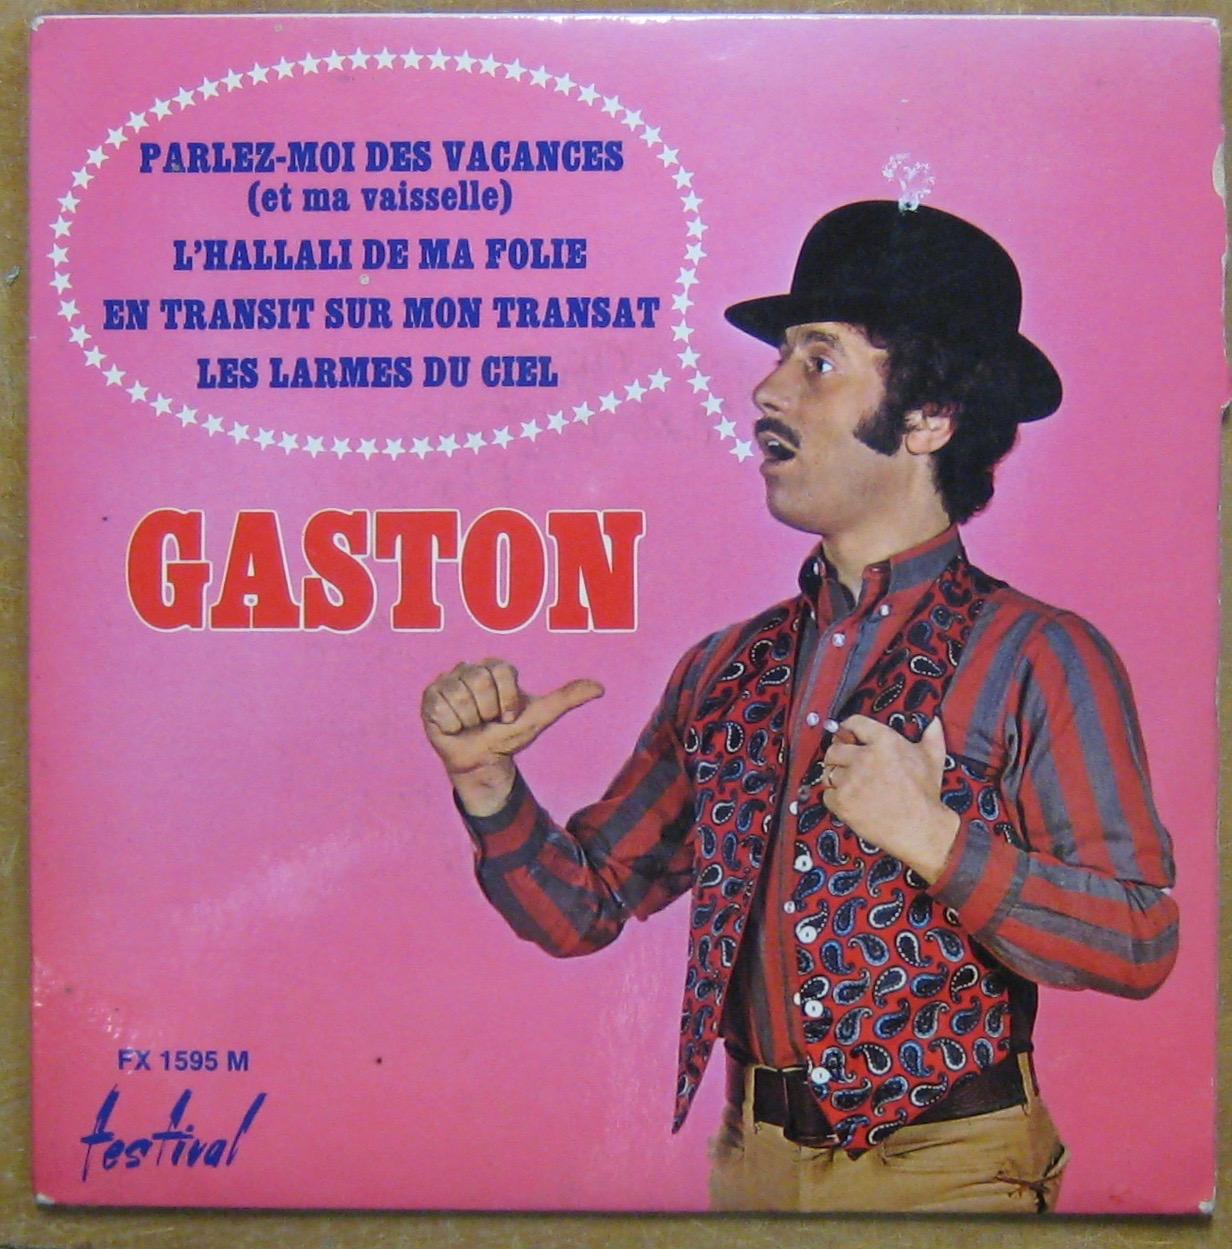 GASTON - Parlez-moi des vacances - 45T (EP 4 titres)